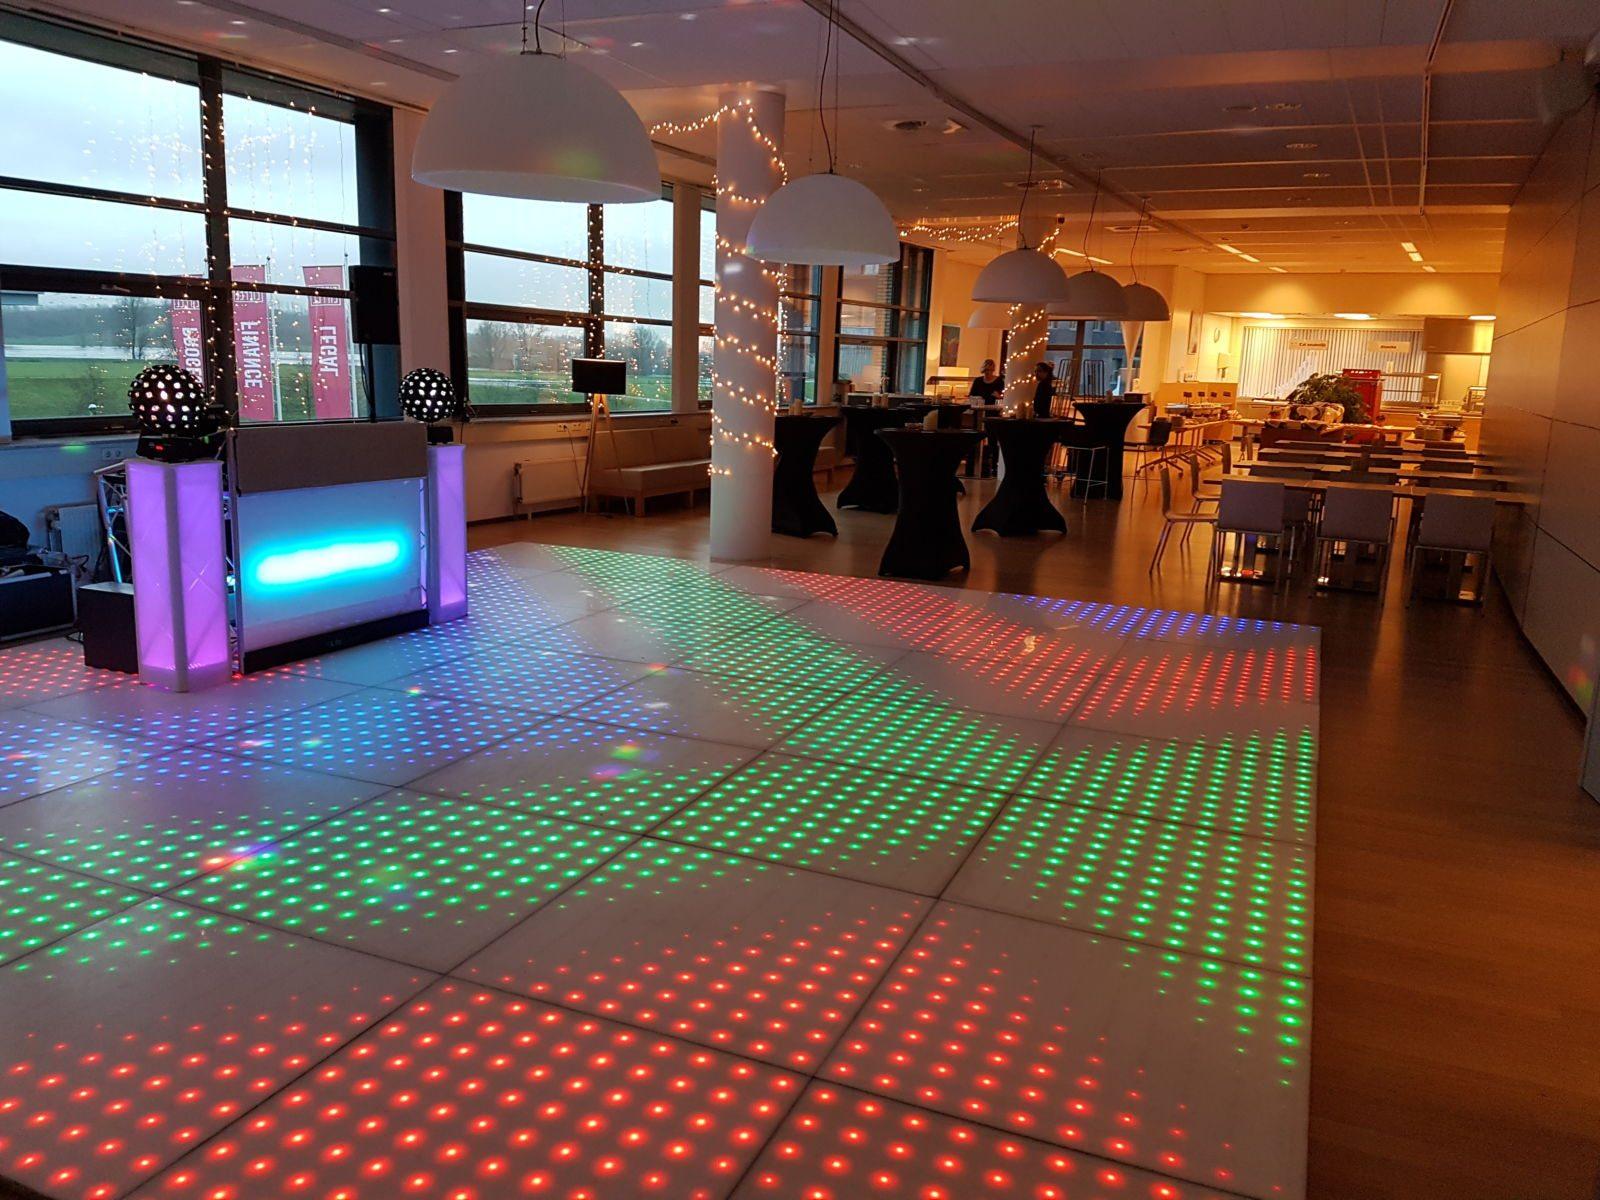 dit is een foto van een verlichte dansvloer